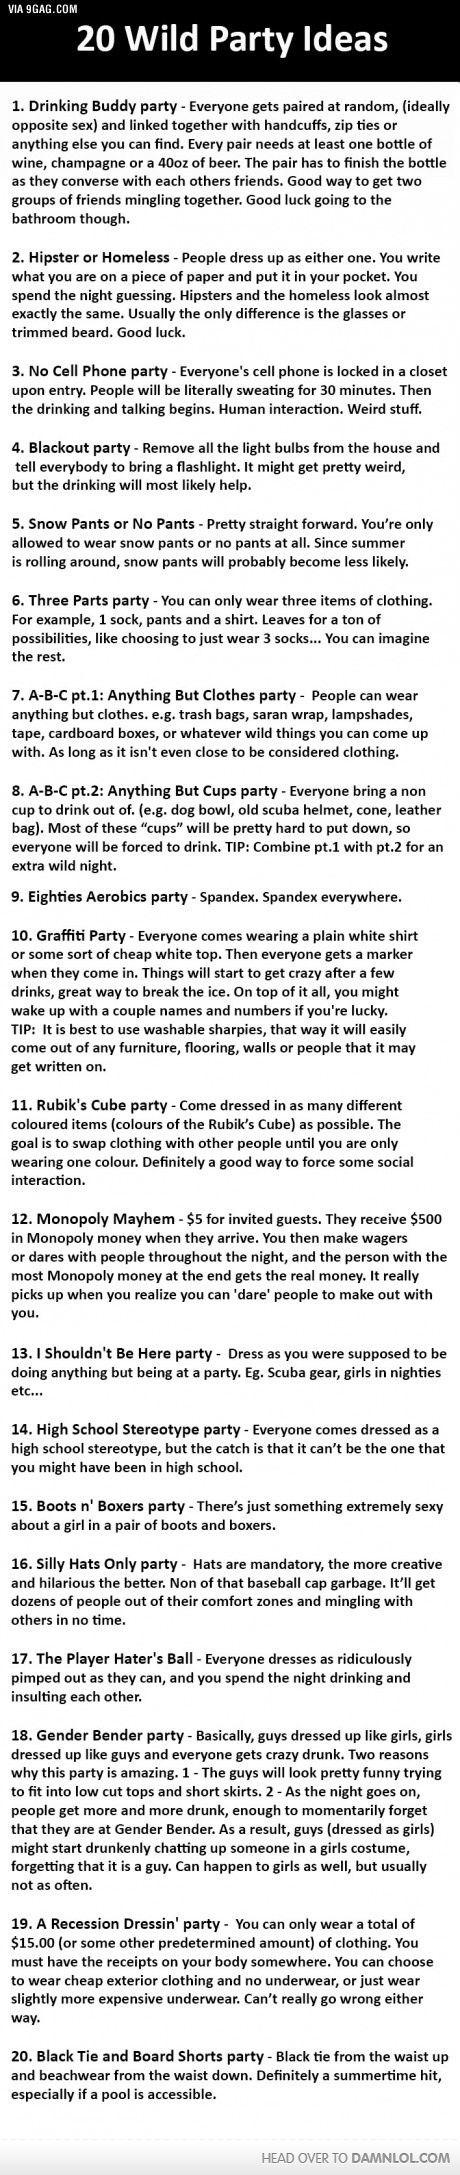 20 Wild Party Ideas